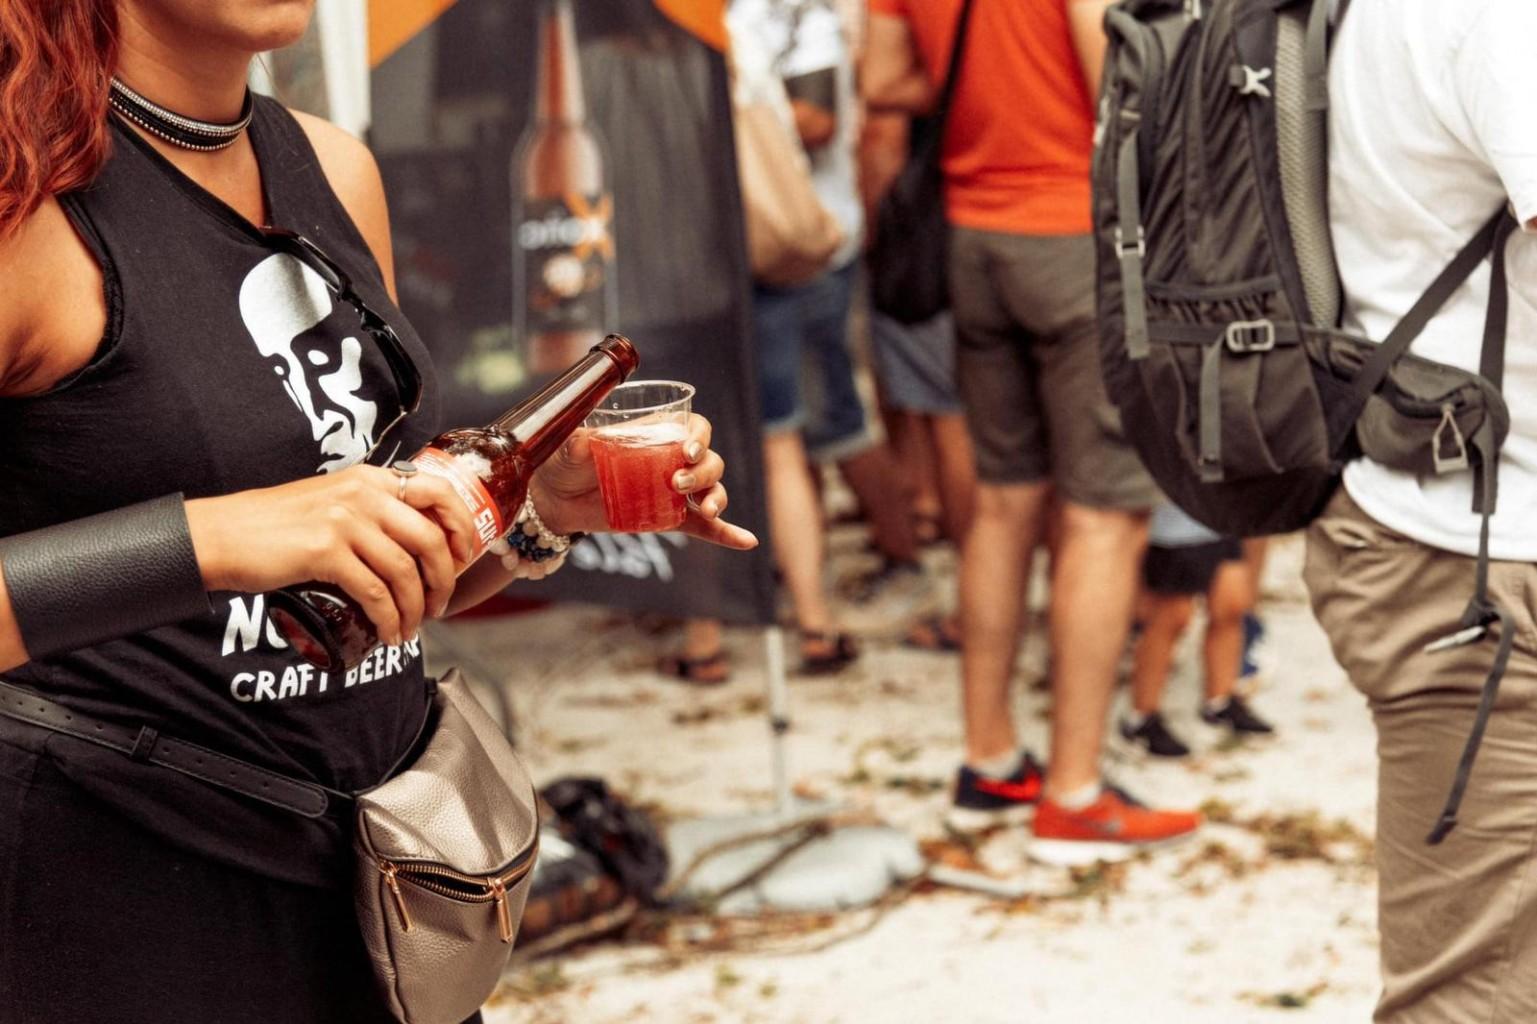 Рок музика, вкусна храна и бира очакват посетителите на бирения фест в Бургас